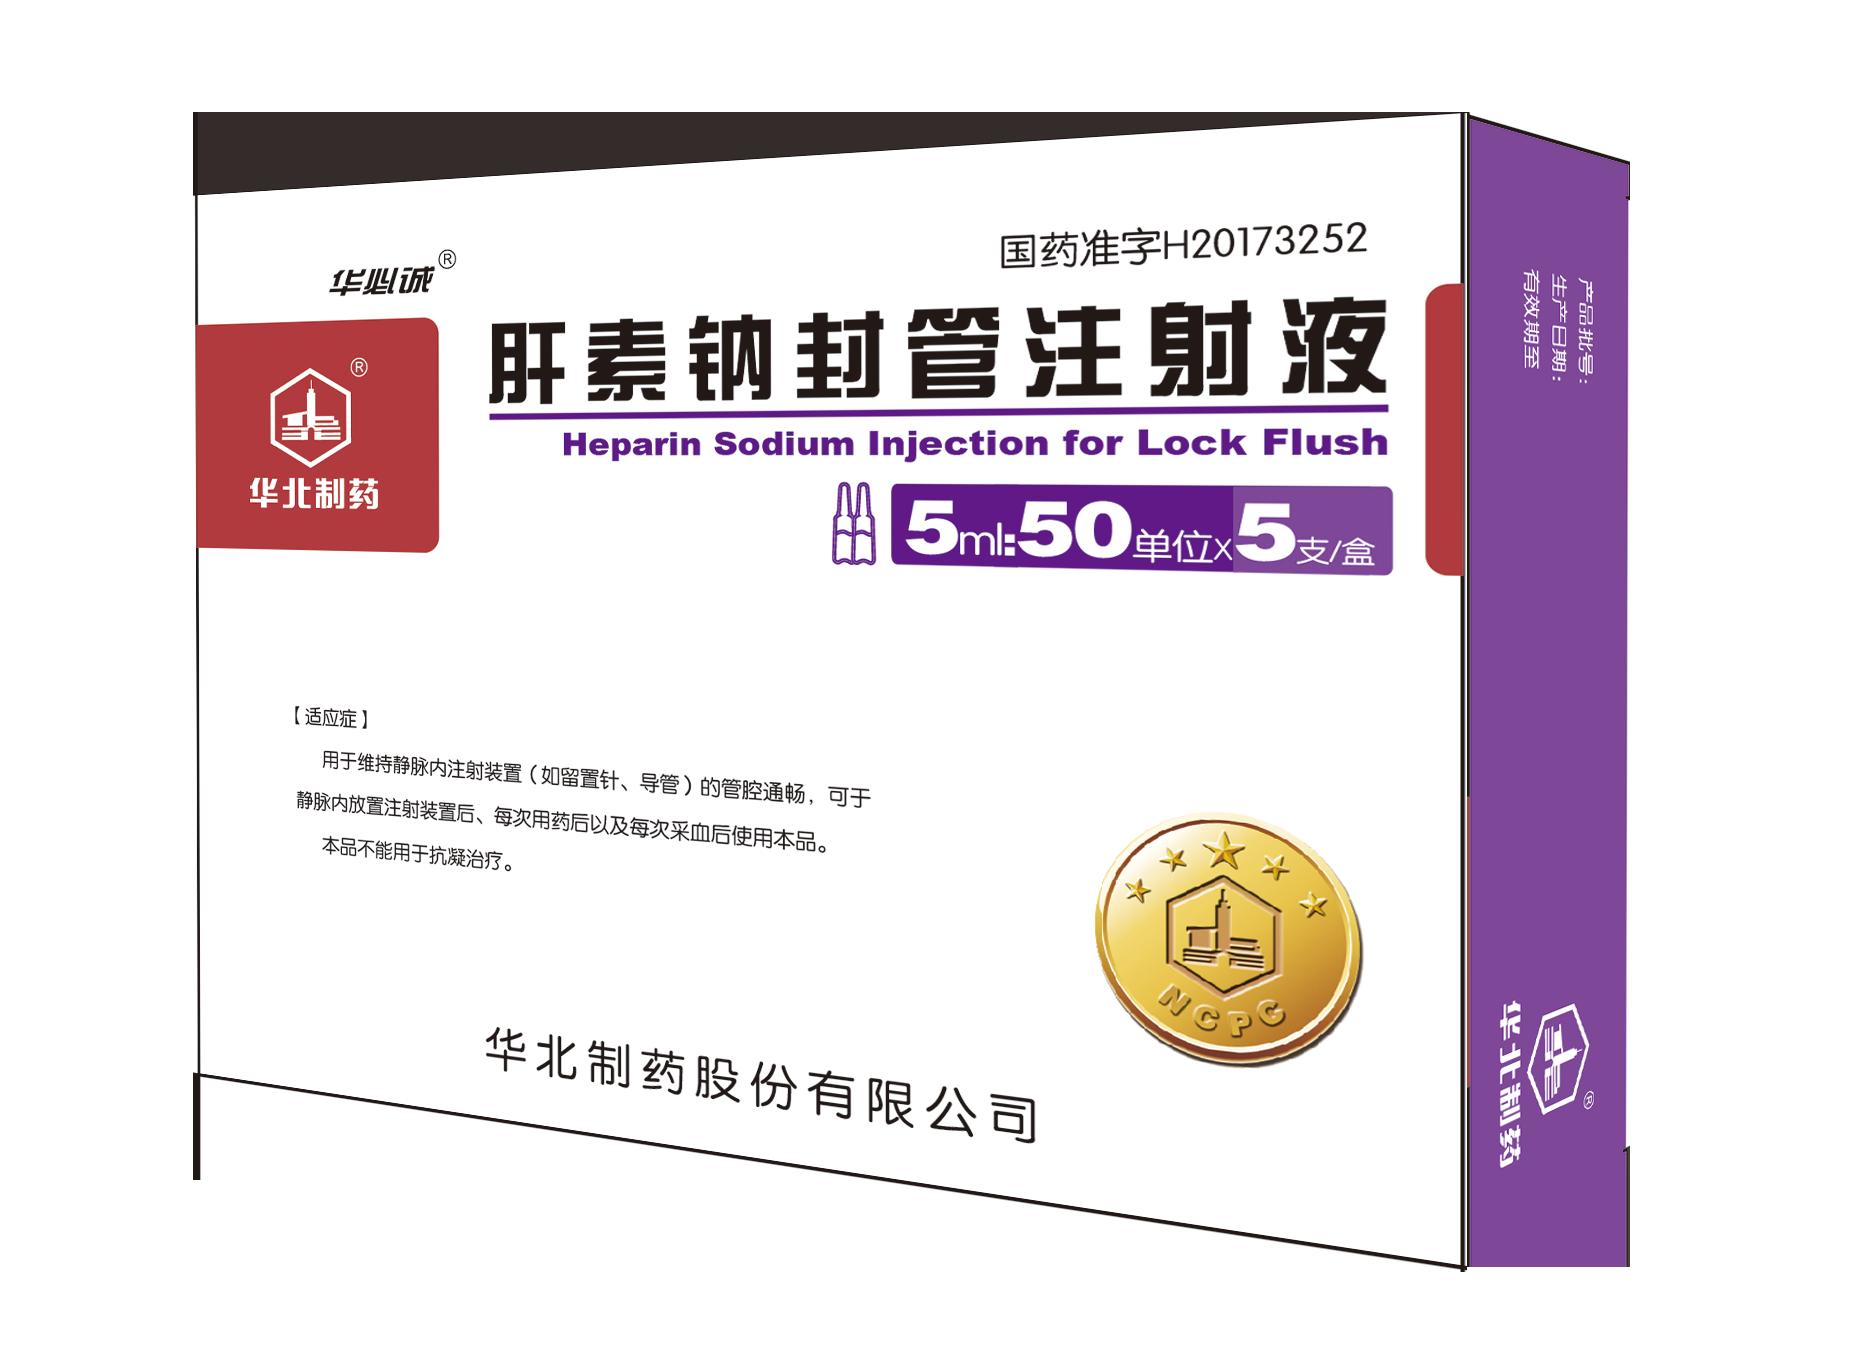 肝素鈉封管注射液